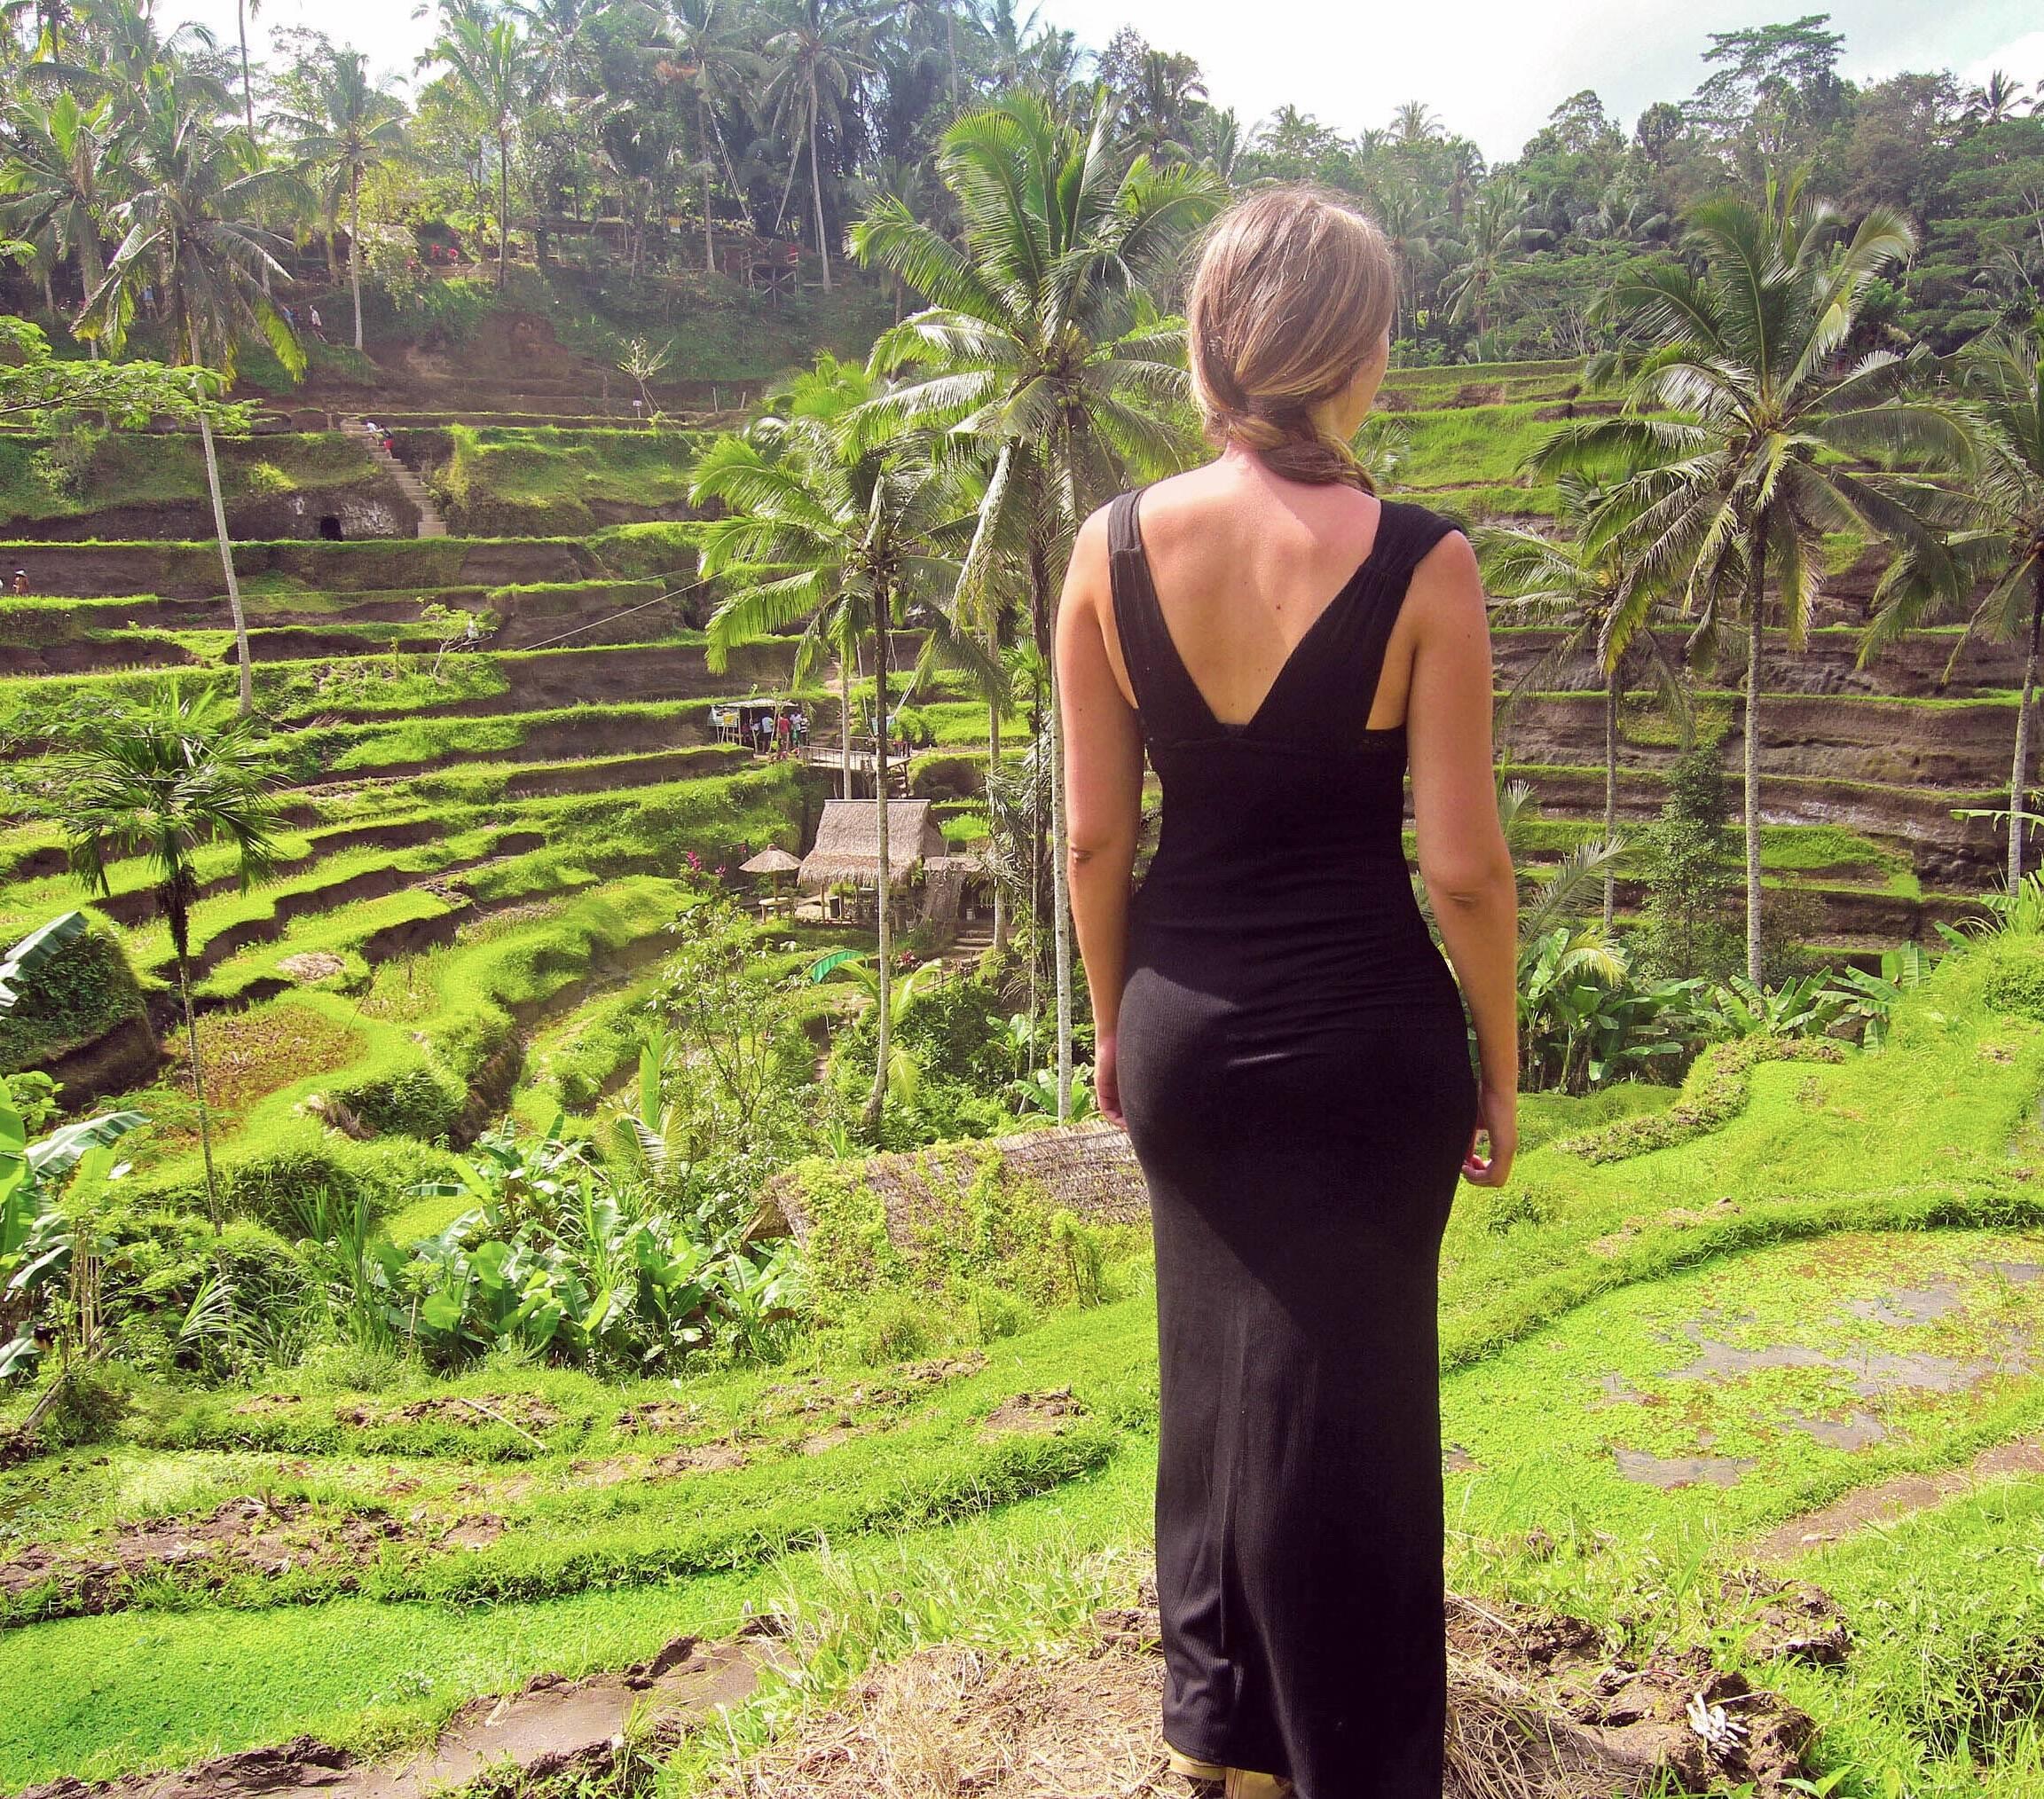 Photo 3: 10 jours au coeur de Bali